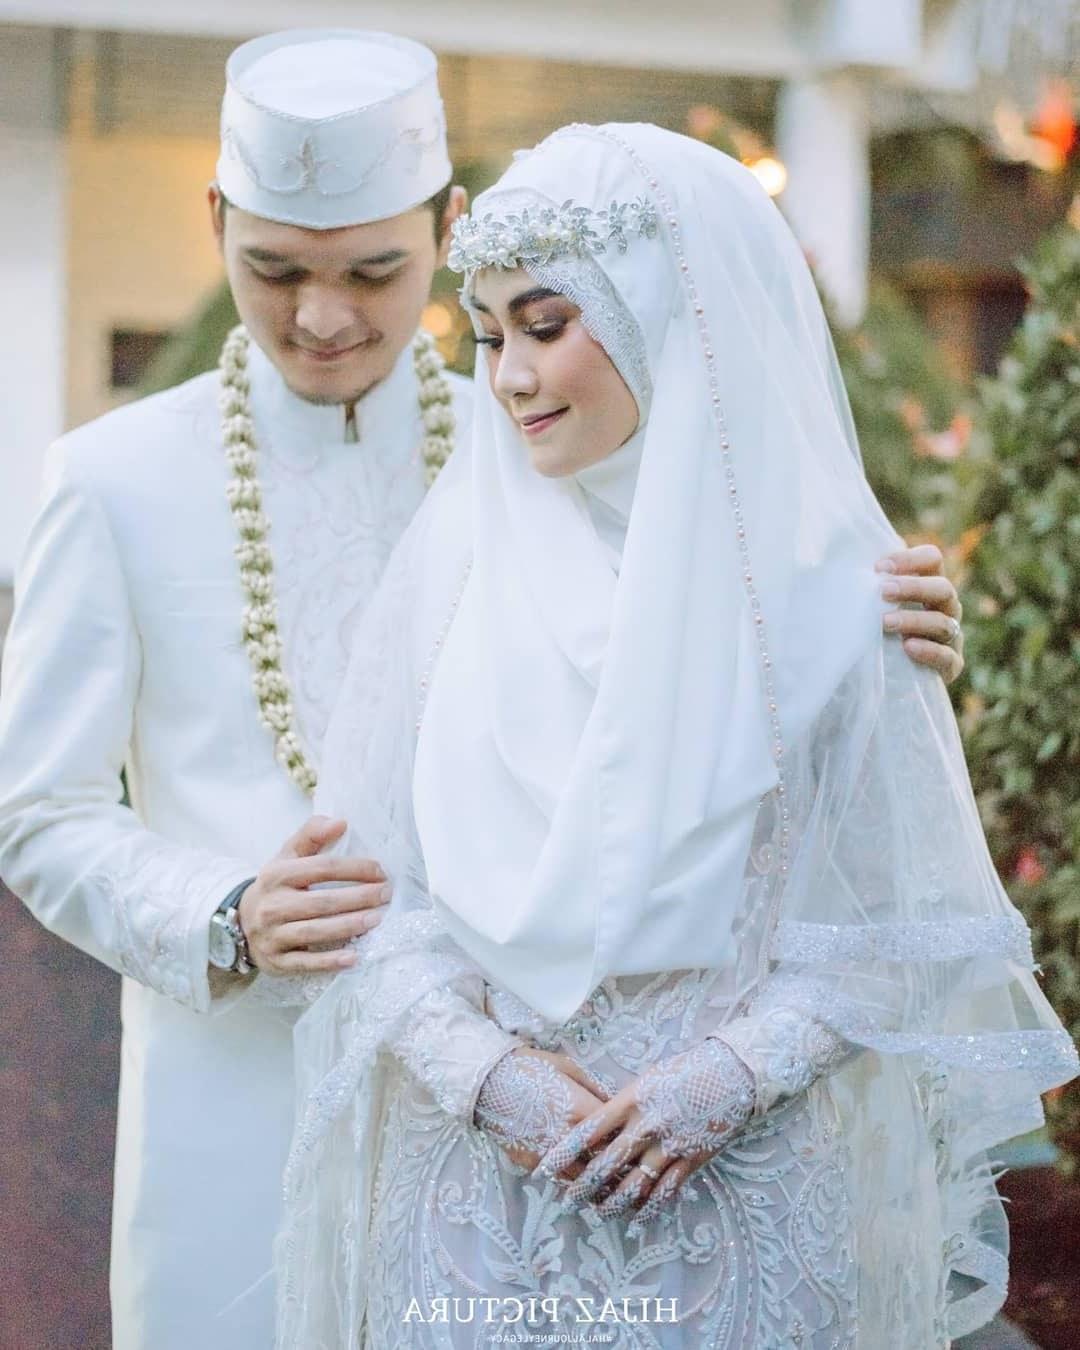 Ide Sewa Baju Pengantin Muslimah Syar'i Dwdk Laksmi Wedding Sewa Busana Pengantin Muslimah Bertema